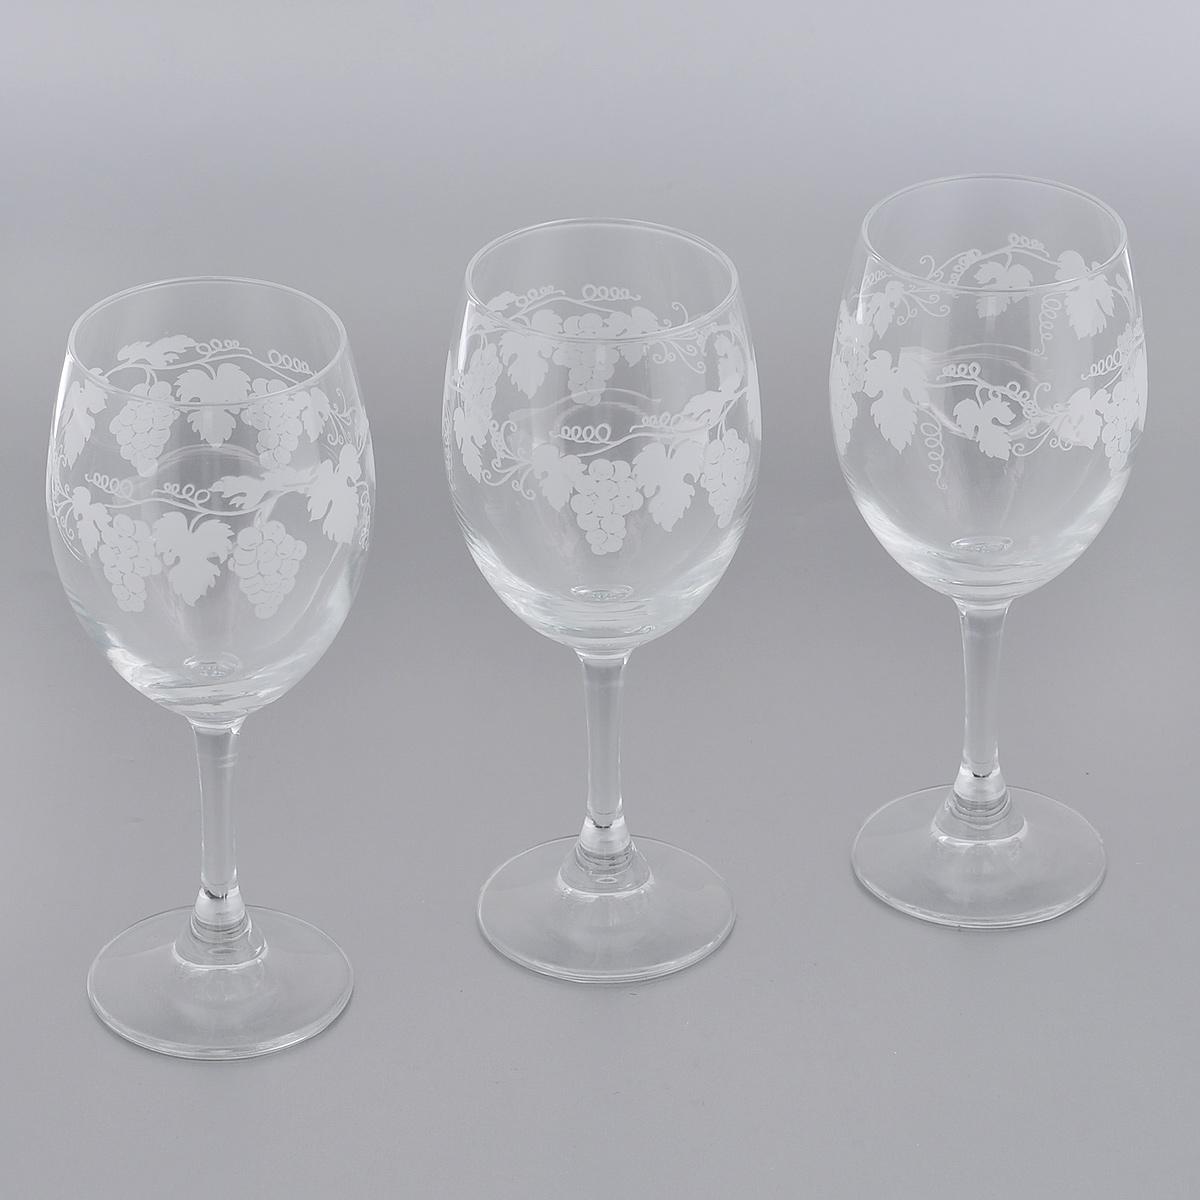 Набор бокалов для вина Royal Leerdam Vignoble, 340 мл, 3 шт3364К9С34 (921564)Набор Royal Leerdam Vignoble состоит из 3 бокалов, выполненных из высококачественного стекла. Изделия украшены изящным орнаментом в виде виноградной лозы. Бокалы предназначены для подачи вина. Набор бокалов прекрасно оформит сервировку стола и создаст в доме атмосферу романтики и уюта. Можно мыть в посудомоечной машине.